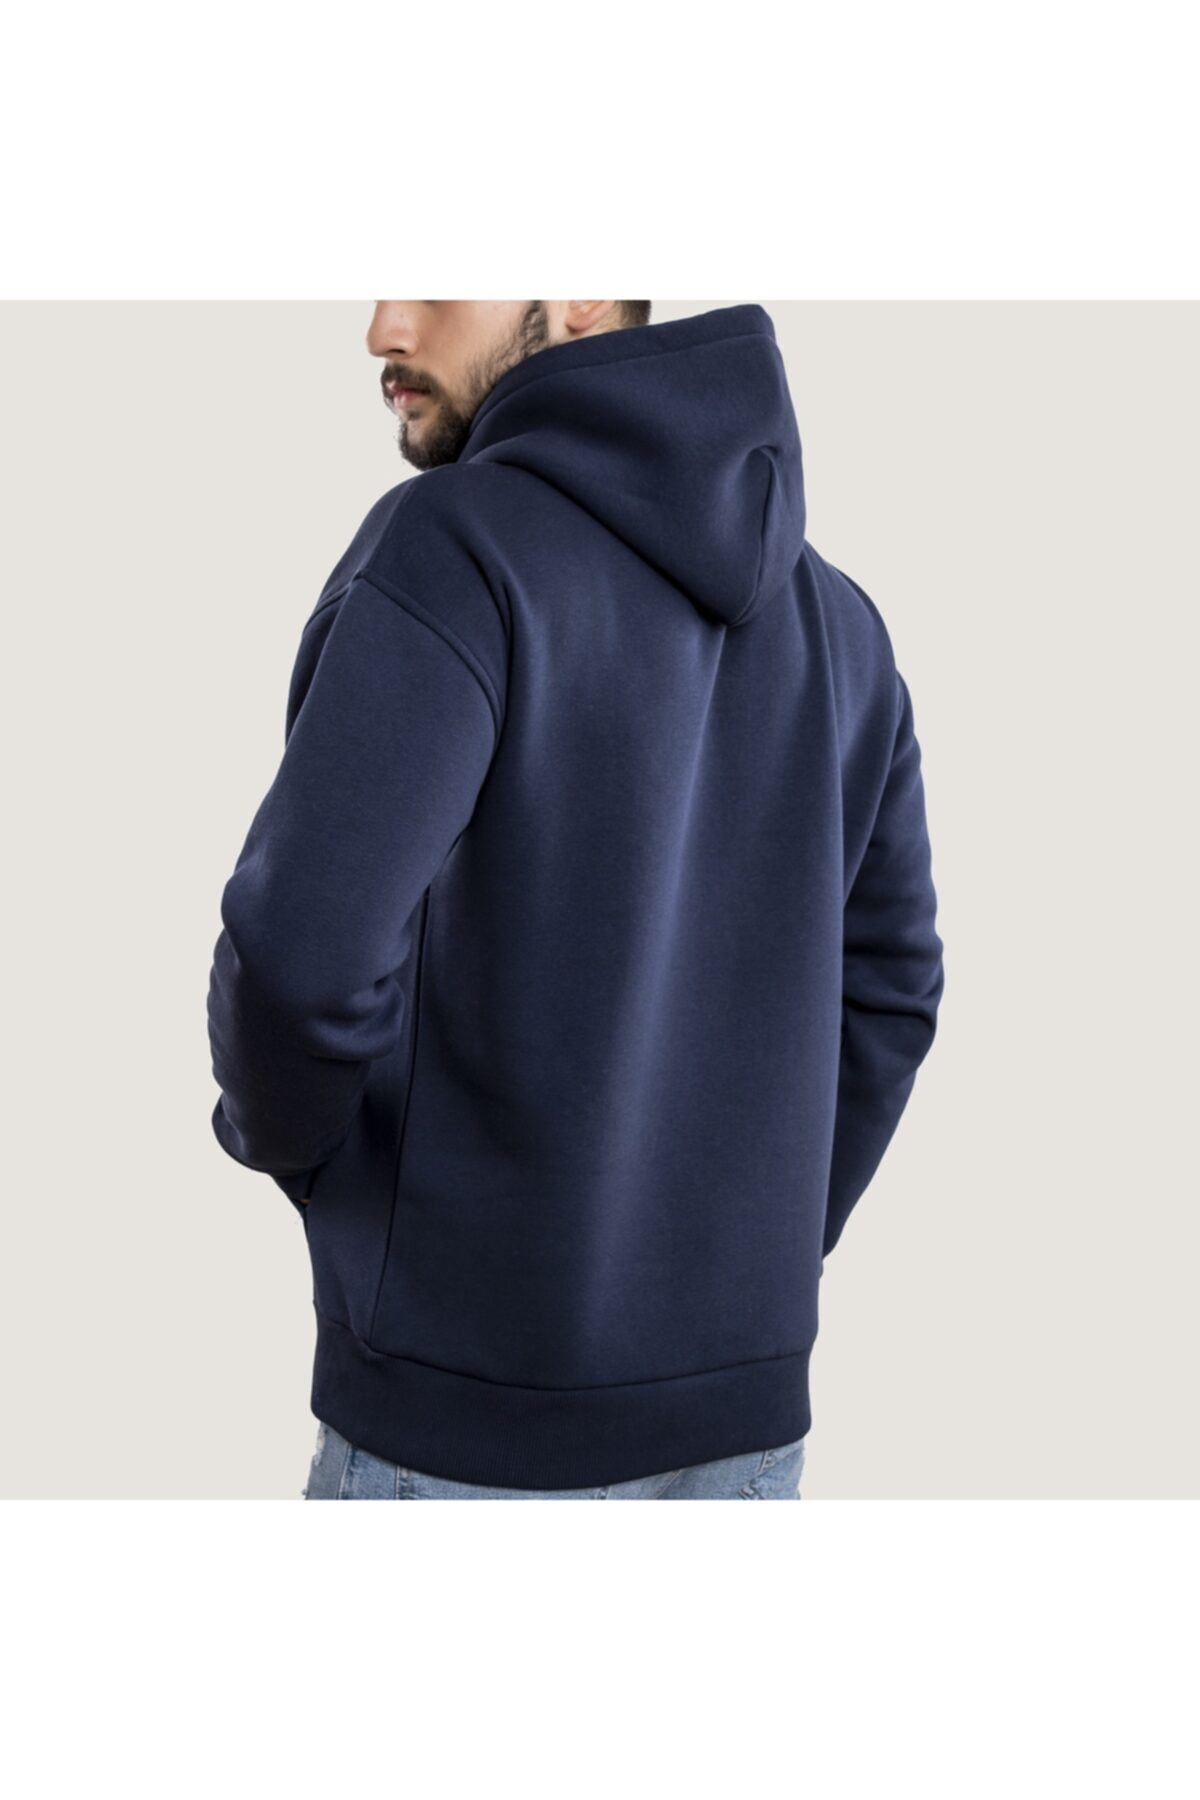 WELLHS Erkek Lacivert Balancıng Baskılı Oversize Sweatshirt 2